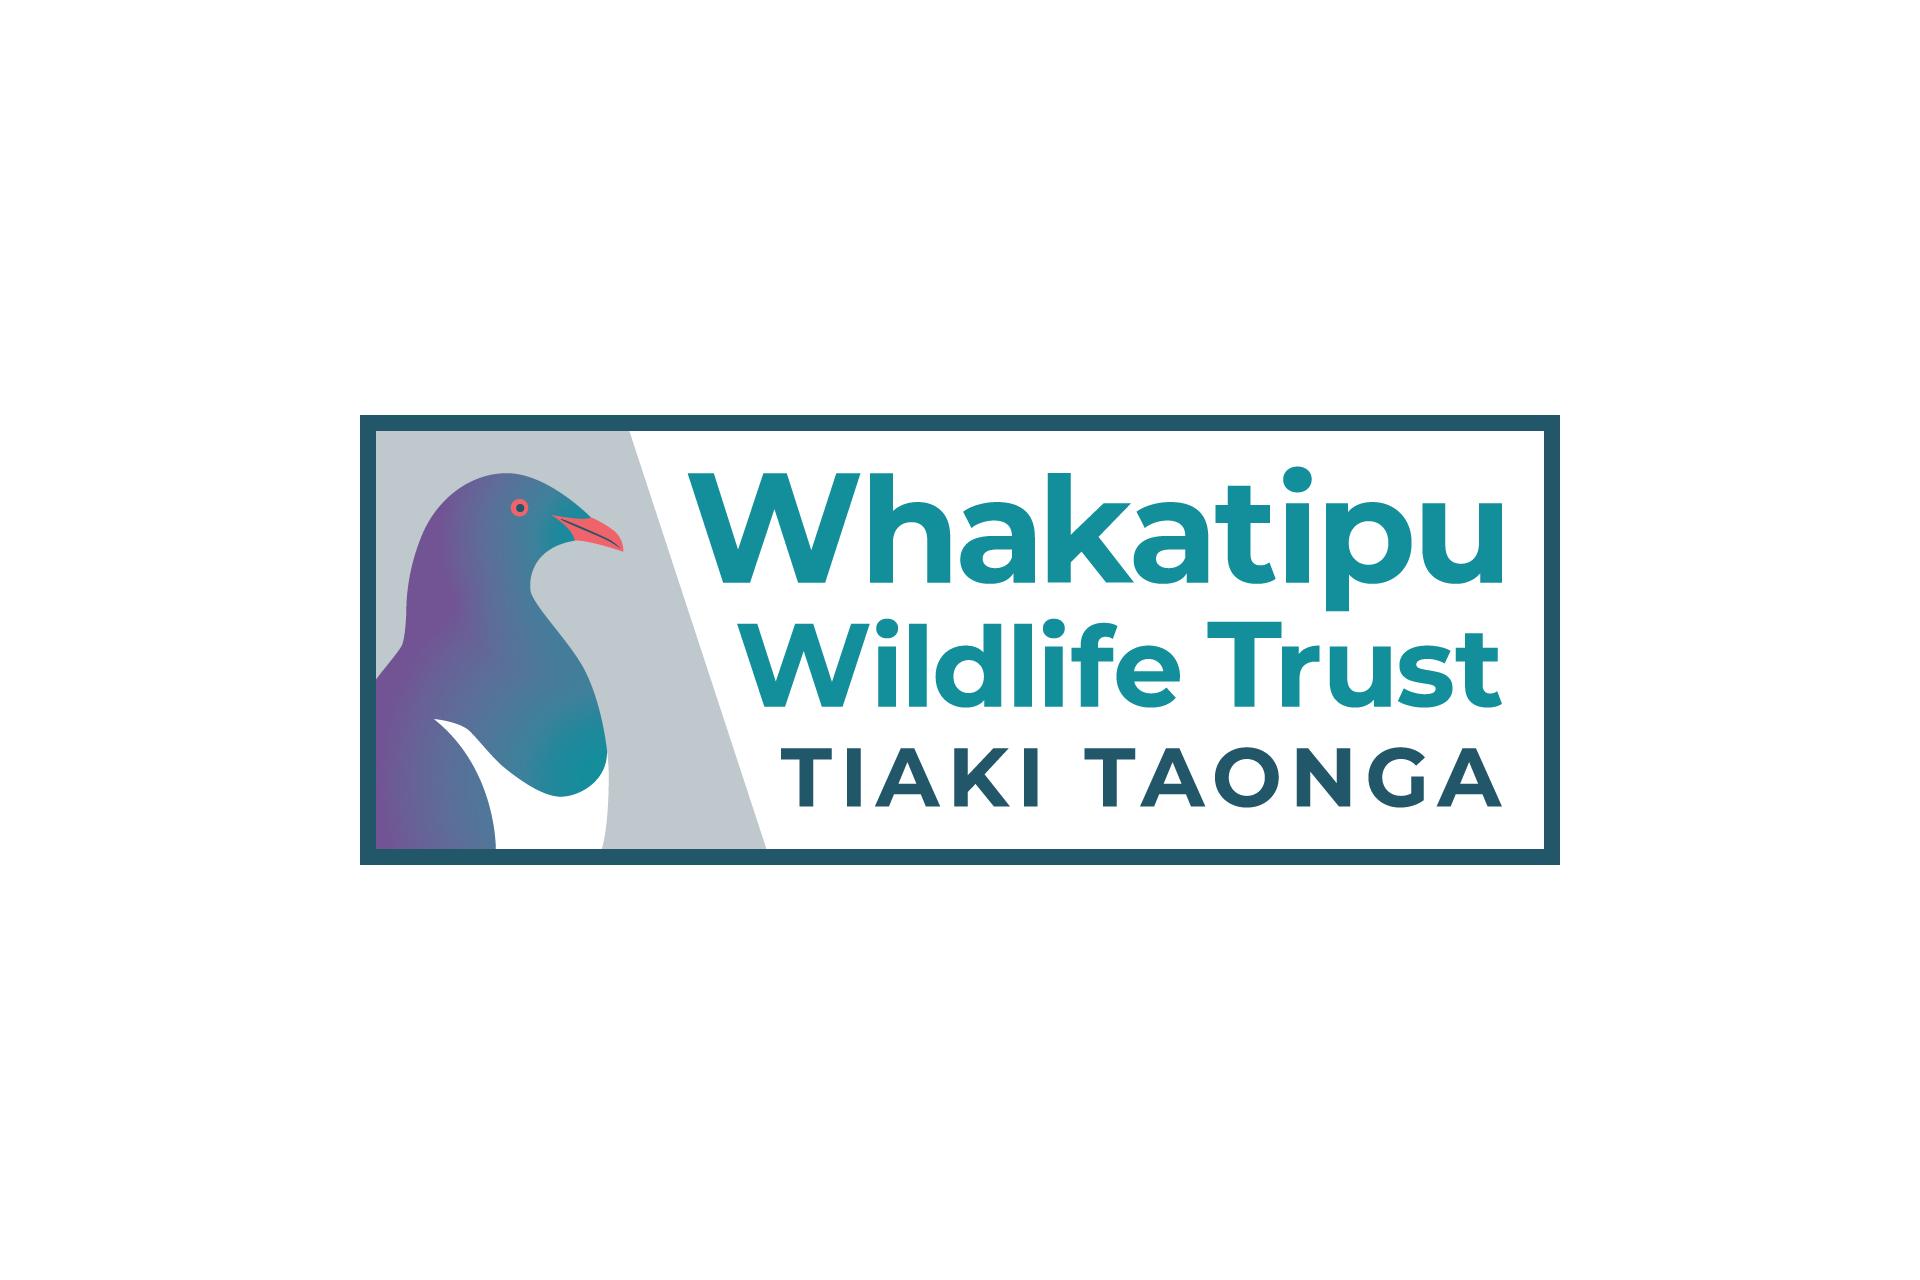 Whakatipu Wildlife Trust Logo